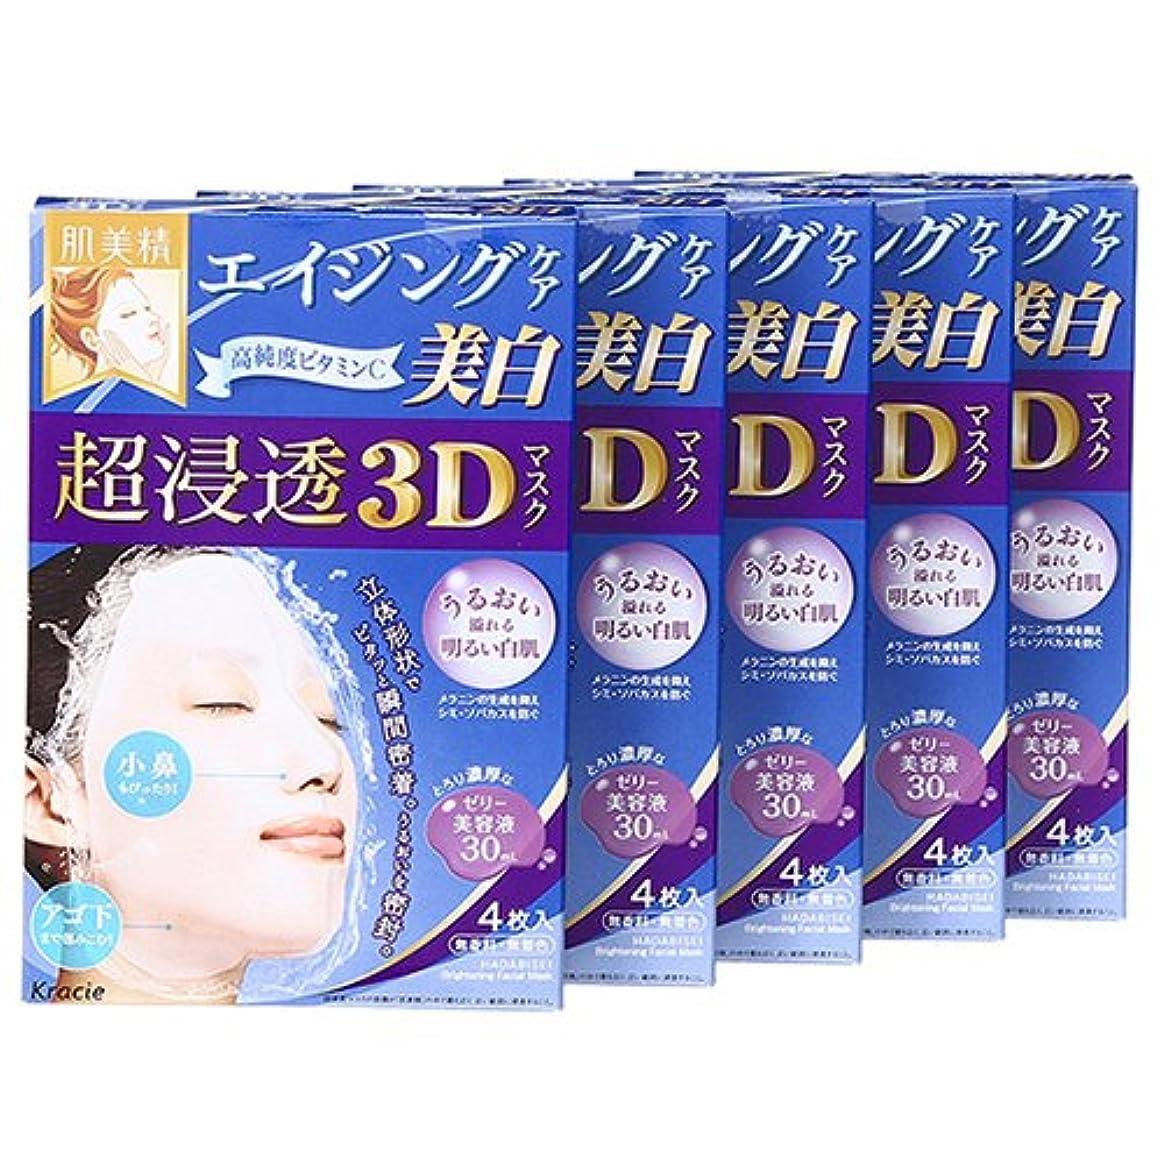 相互養うサービスクラシエホームプロダクツ 肌美精 超浸透3Dマスク エイジングケア(美白) 4枚入 (美容液30mL/1枚) 5点セット [並行輸入品]